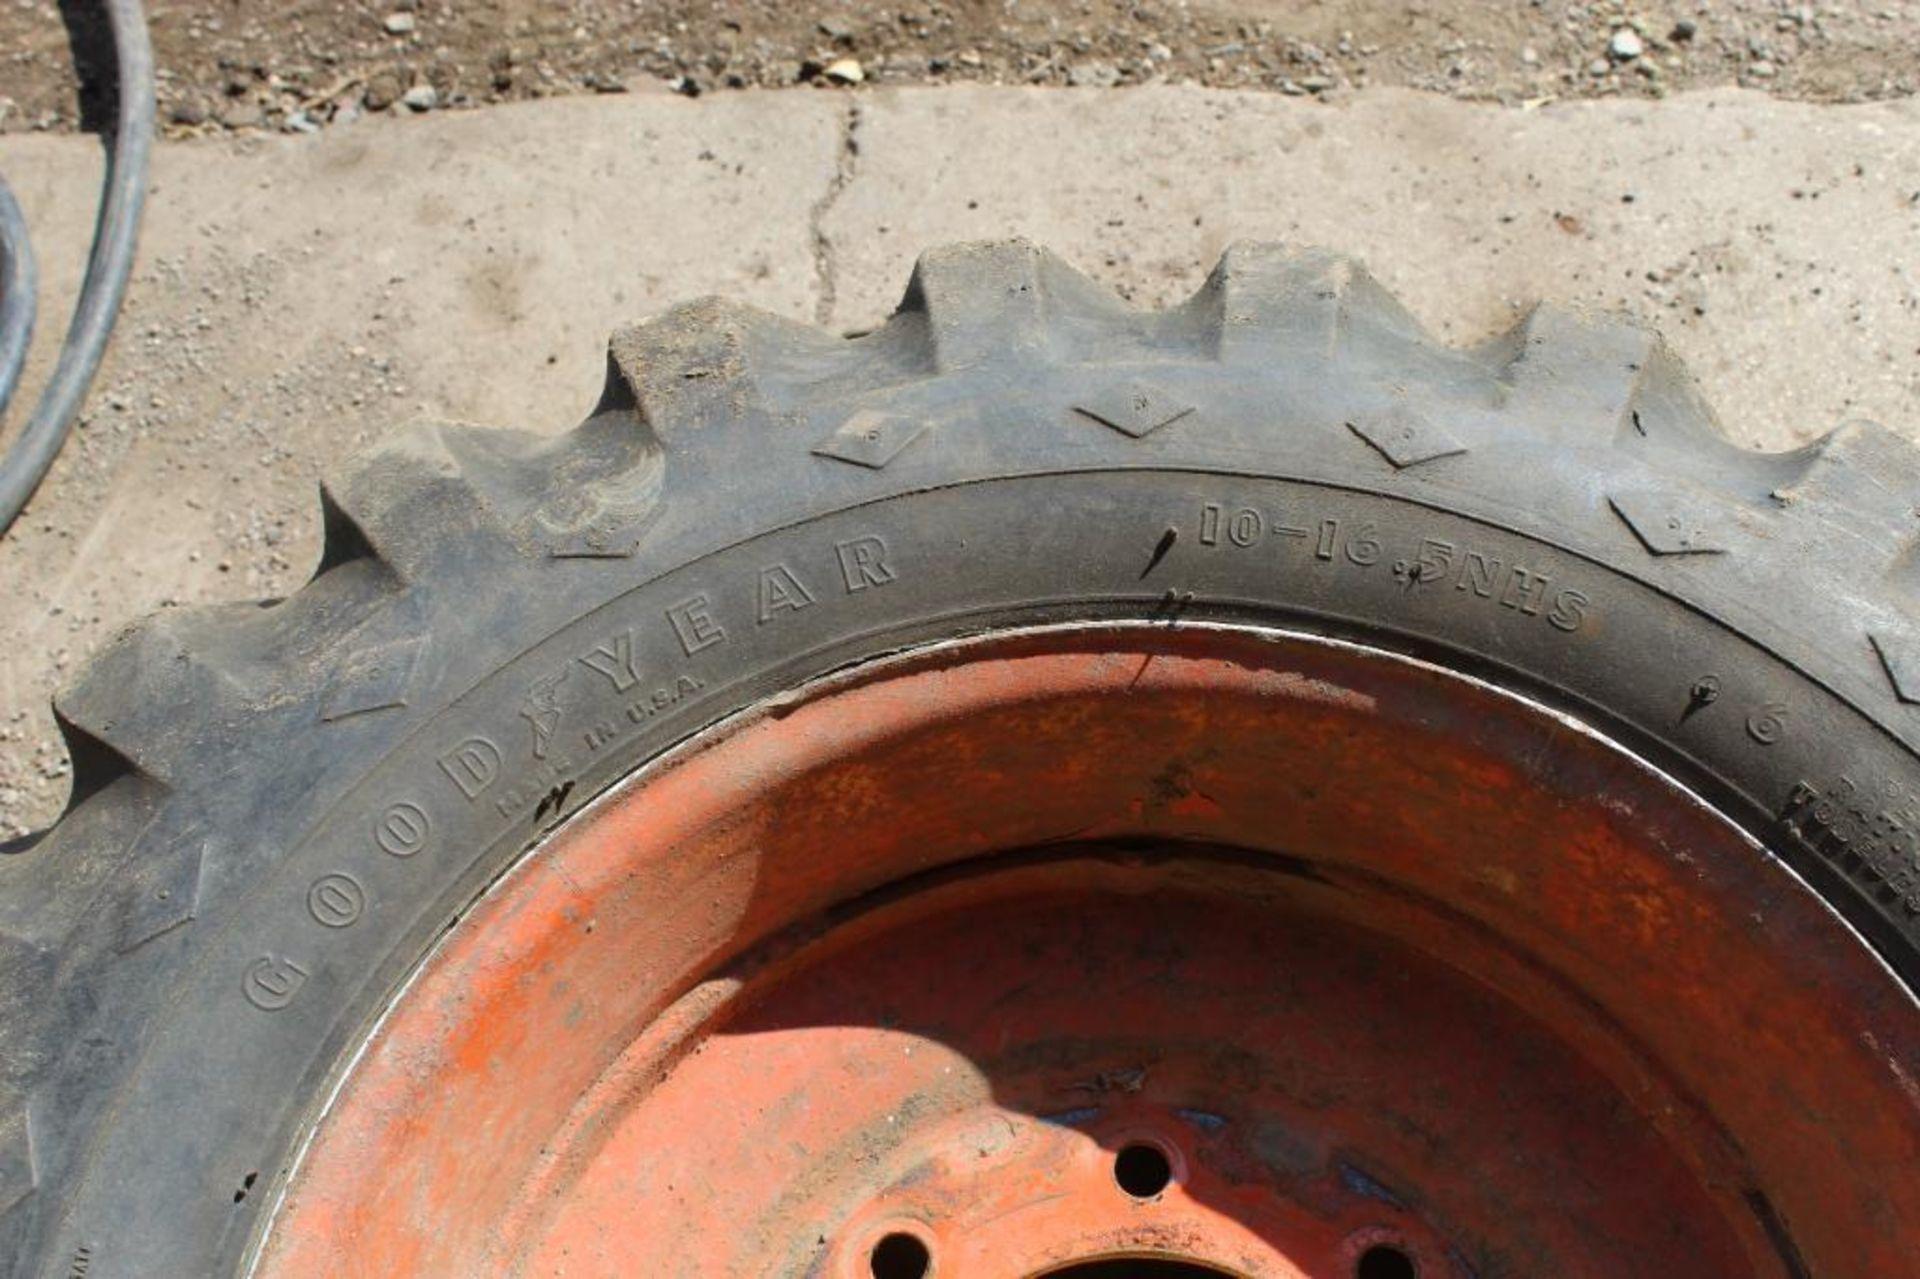 Good Year Skid Steer Tire 10-16.5 NHS - Image 2 of 2